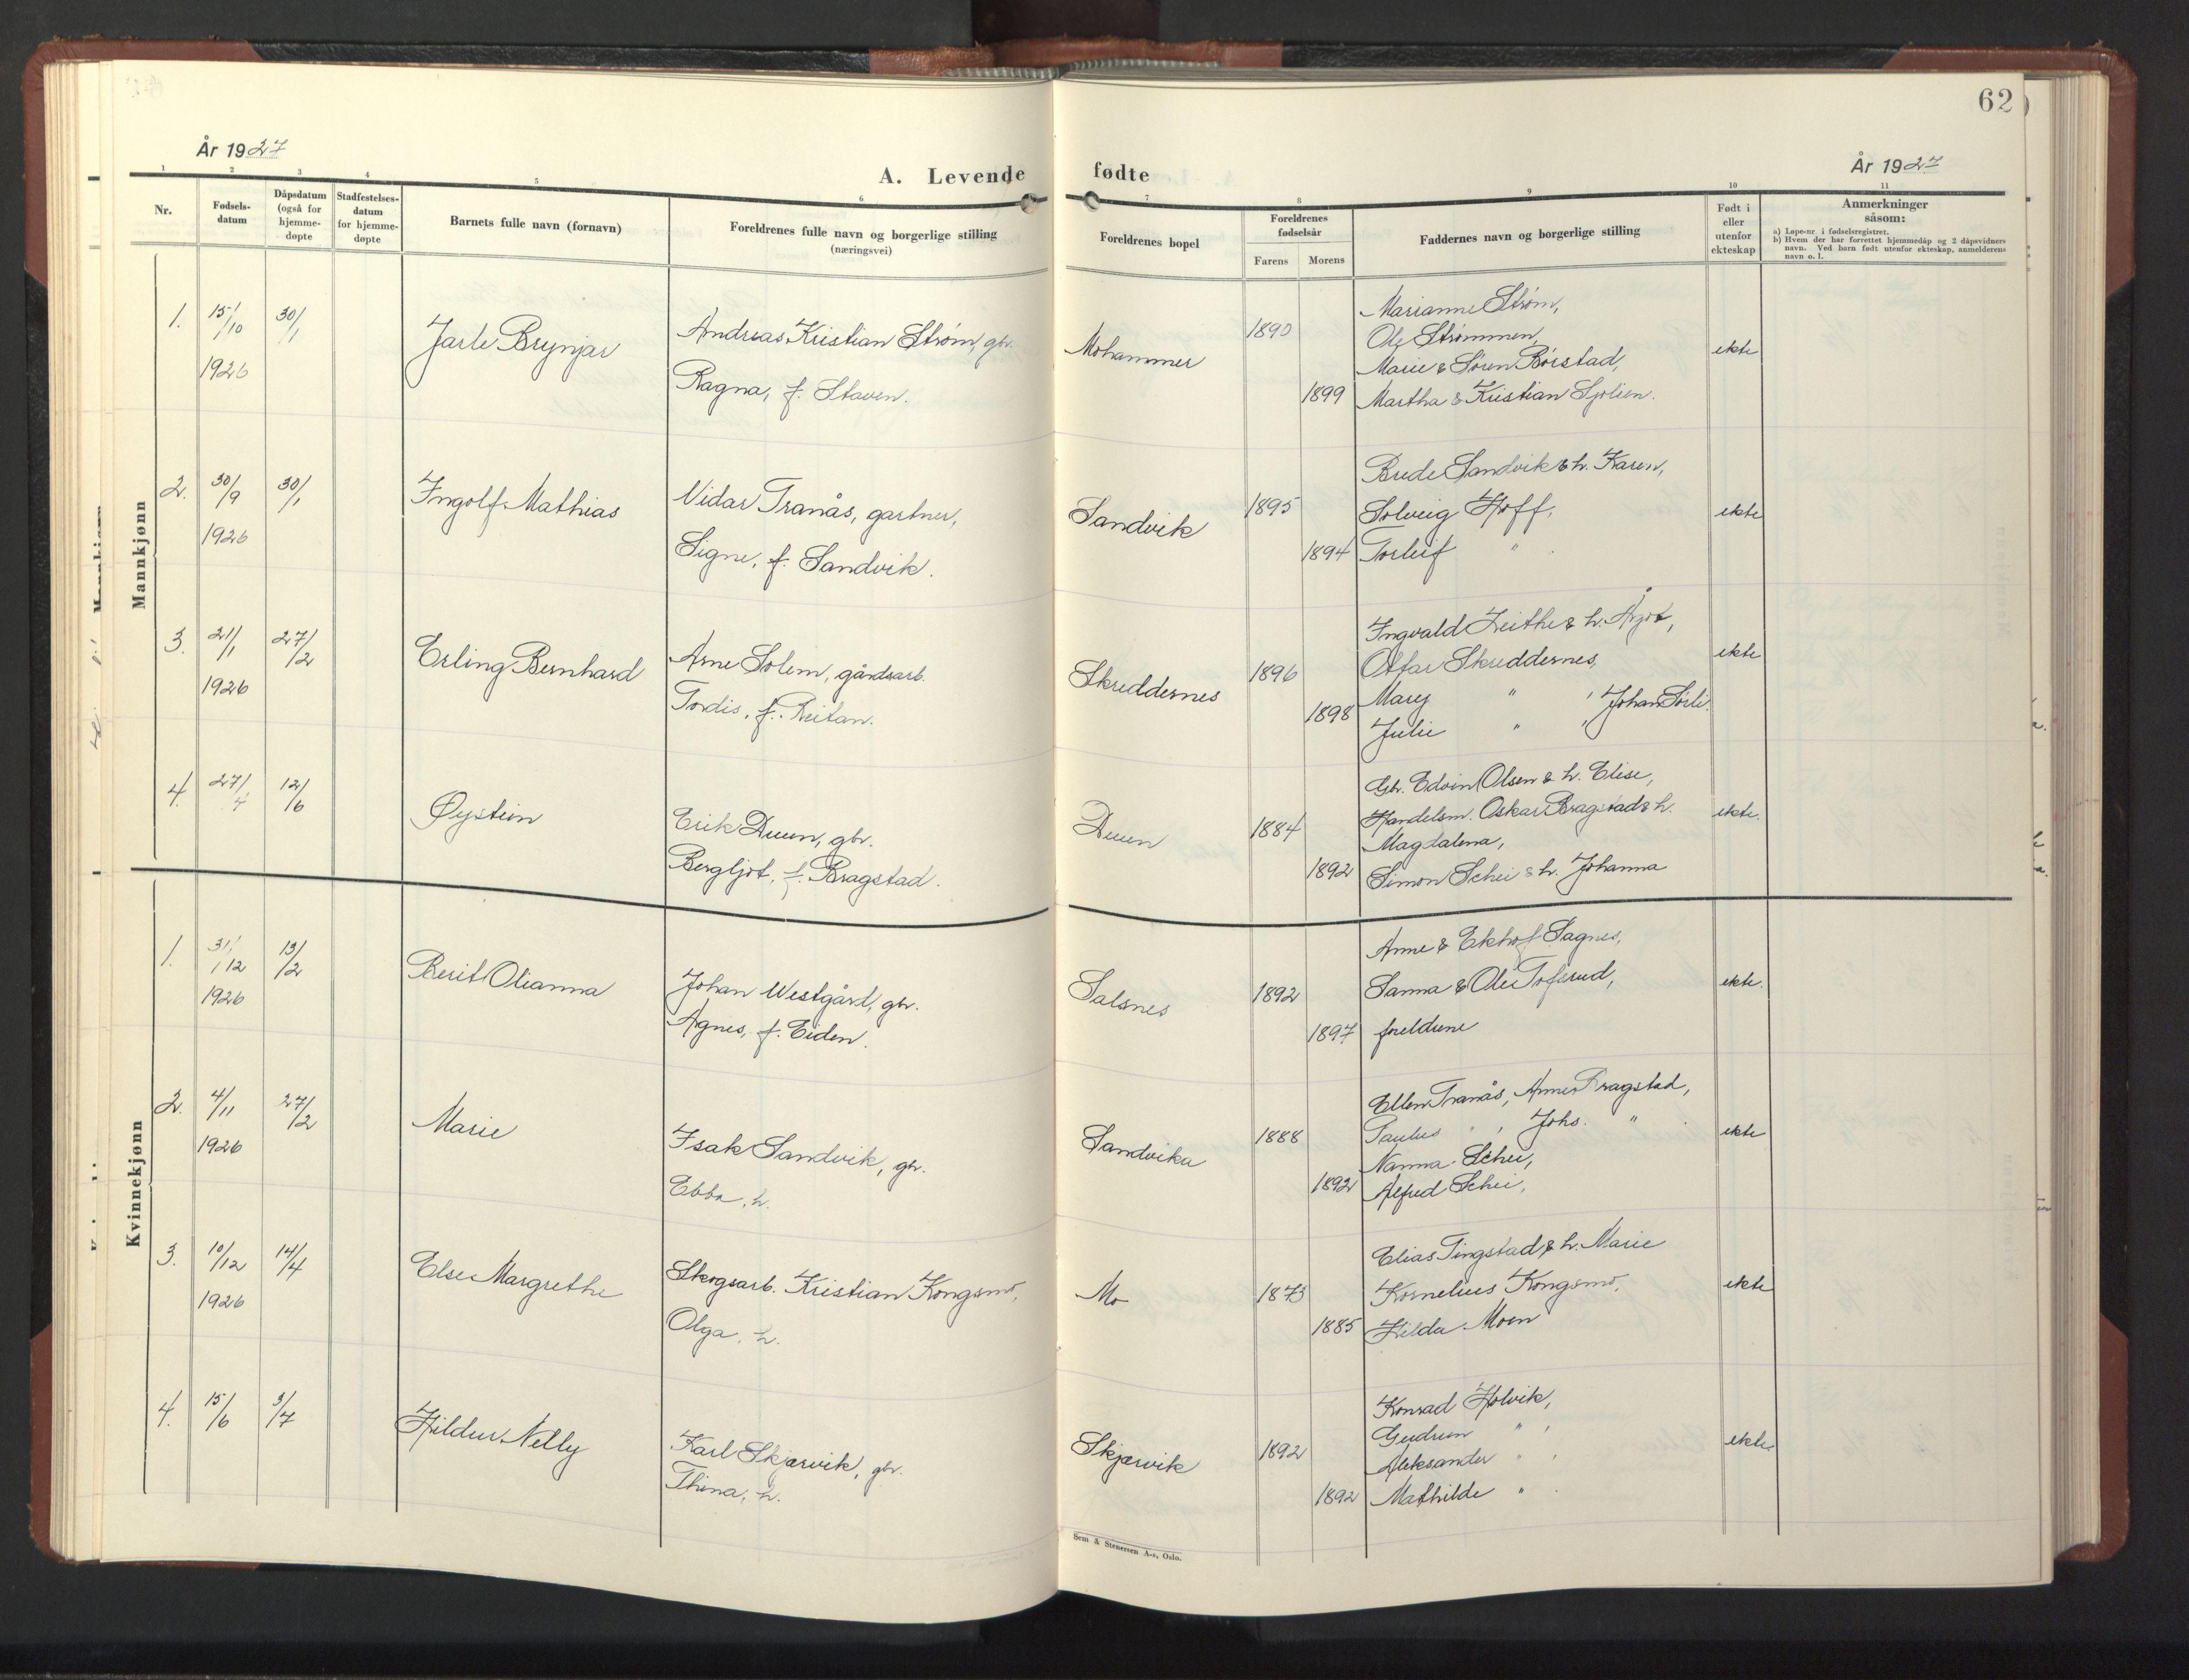 SAT, Ministerialprotokoller, klokkerbøker og fødselsregistre - Nord-Trøndelag, 773/L0625: Klokkerbok nr. 773C01, 1910-1952, s. 62